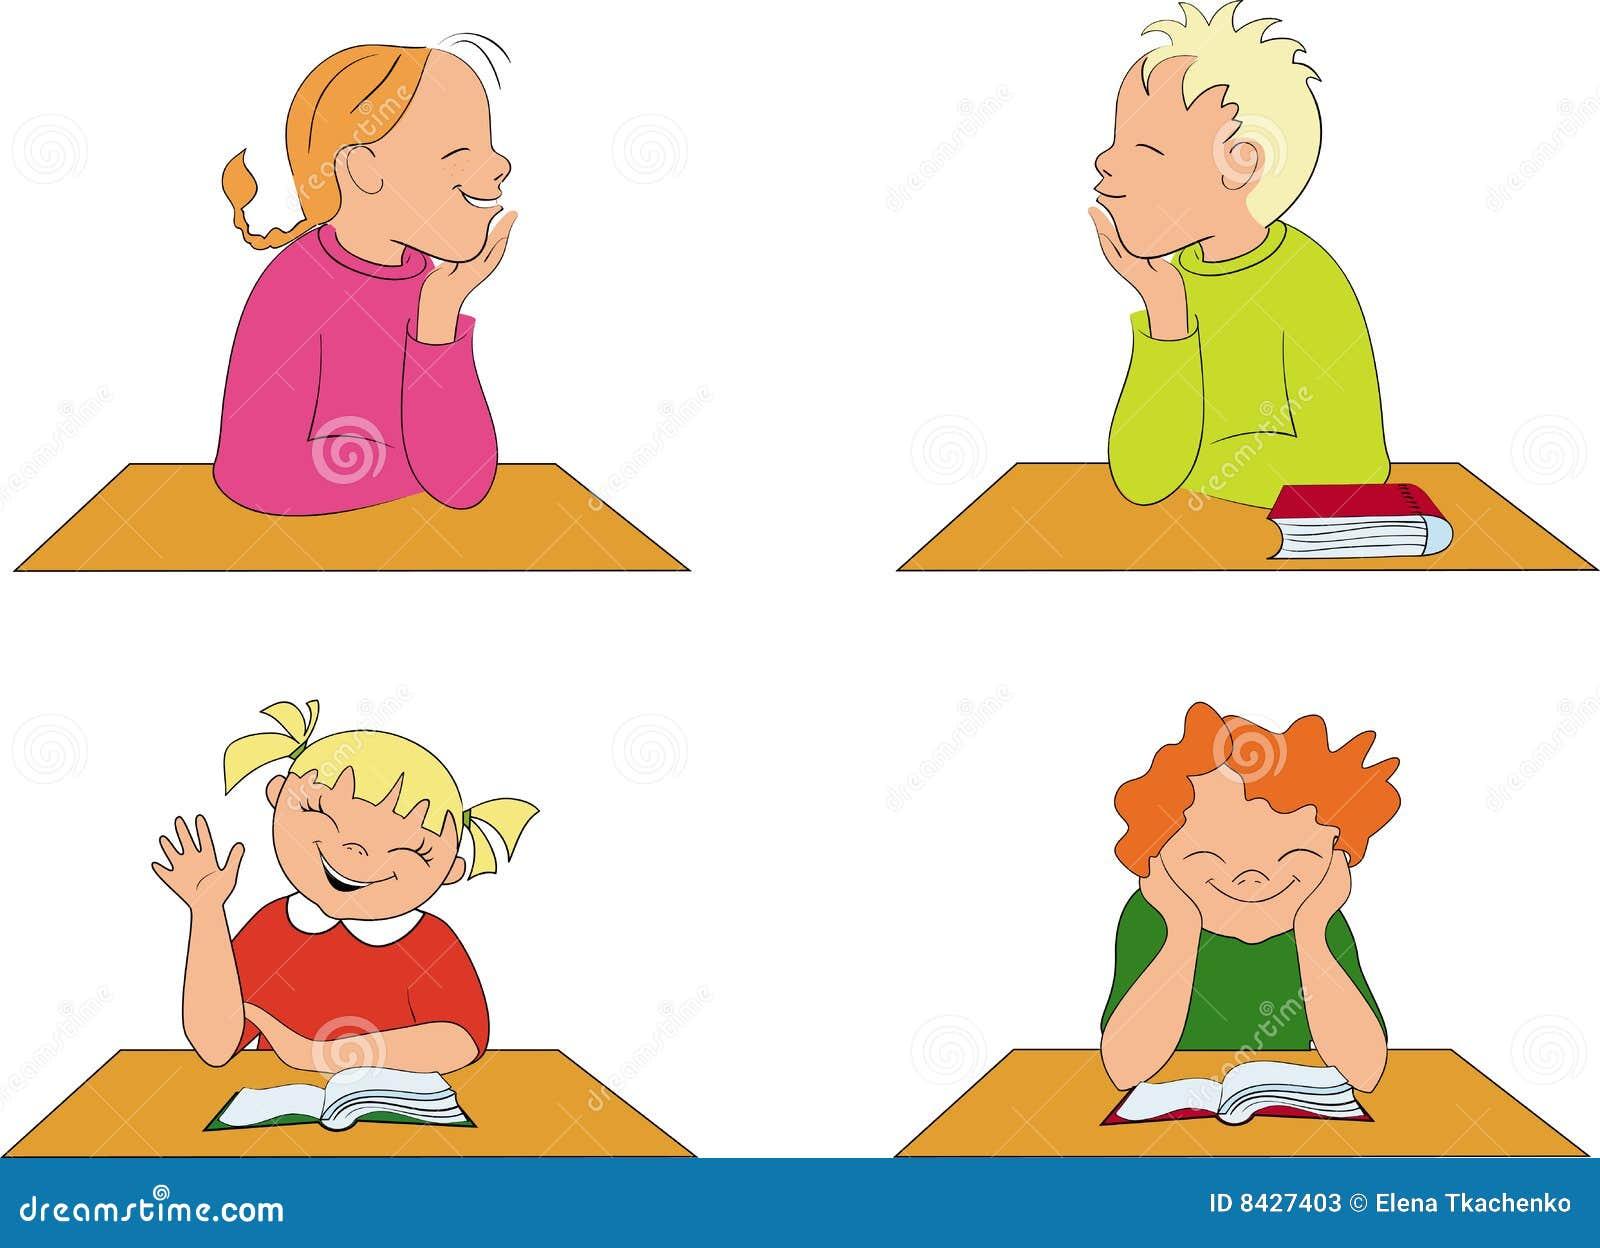 School children in class room